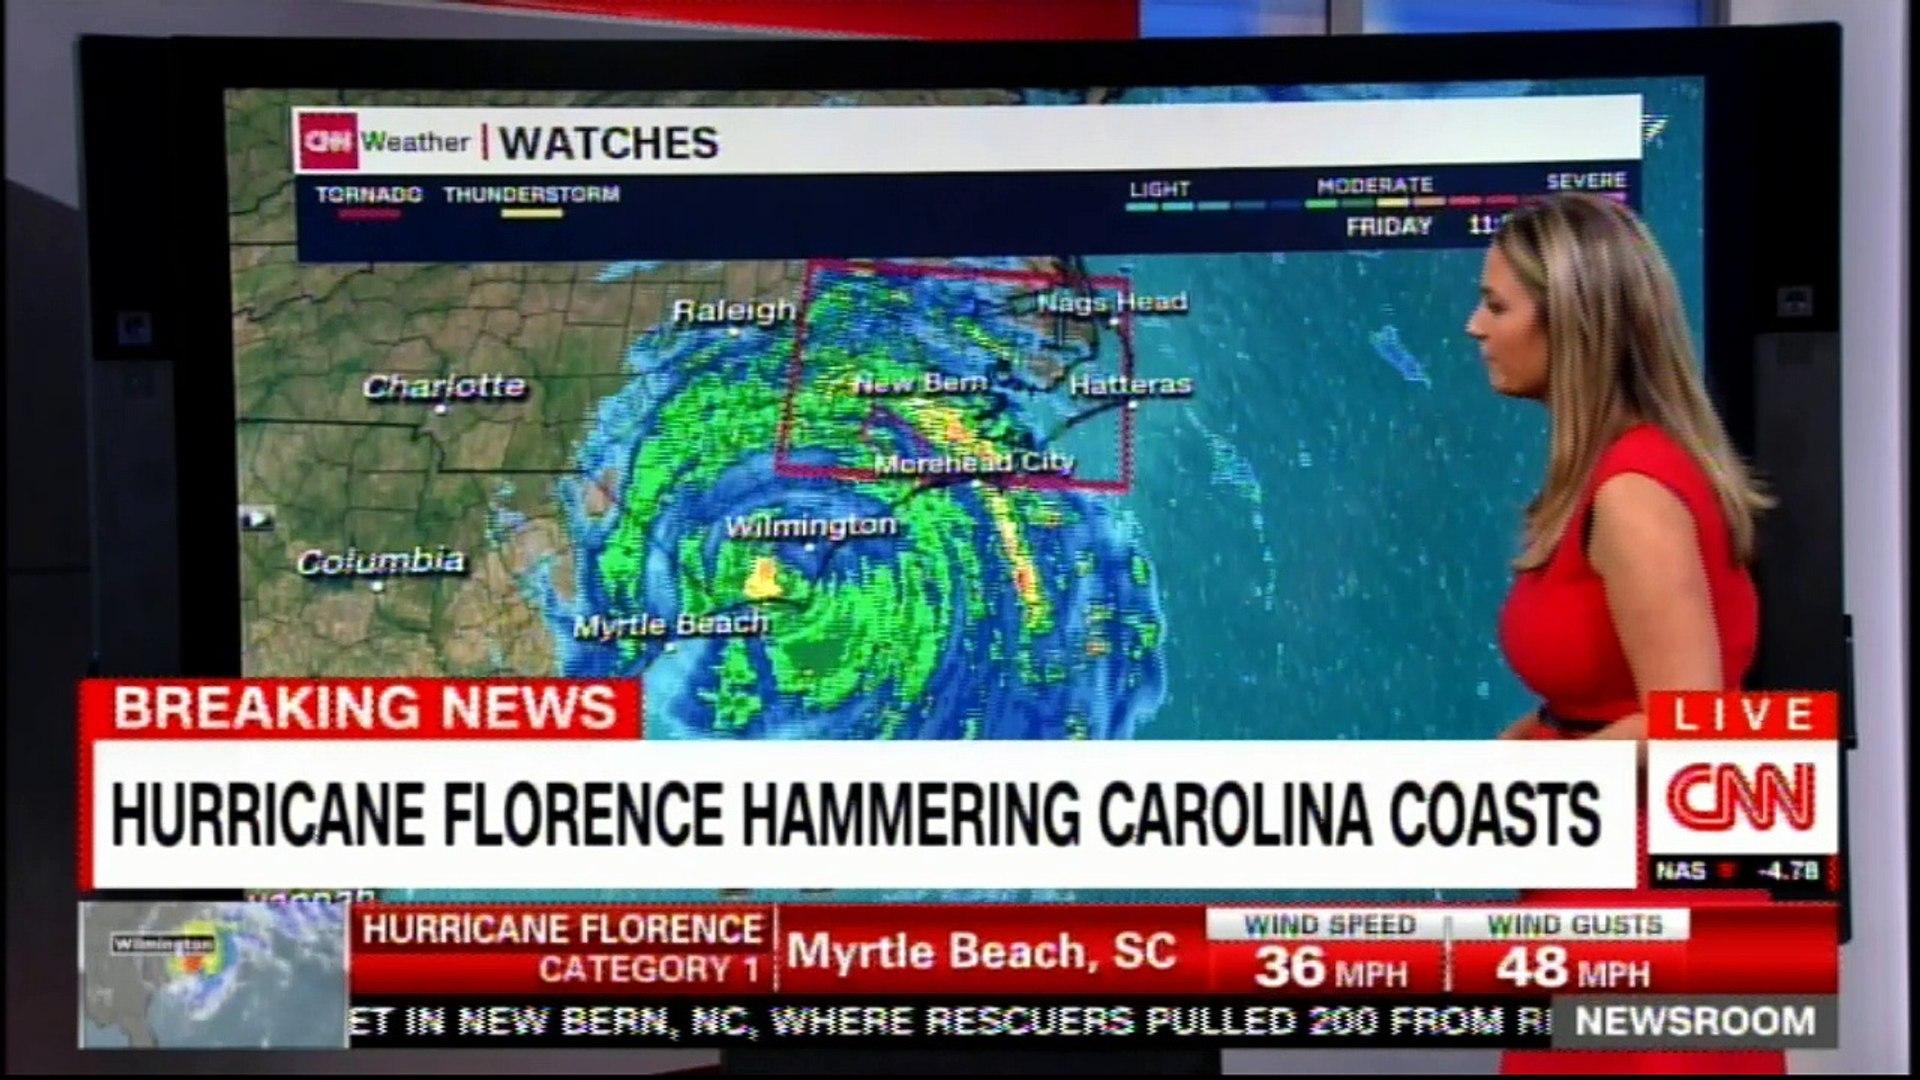 Hurricane Florence hammering Carolina coasts  #Carolina #HurricaneFlorence  #Breaking #CNN #News #Weather